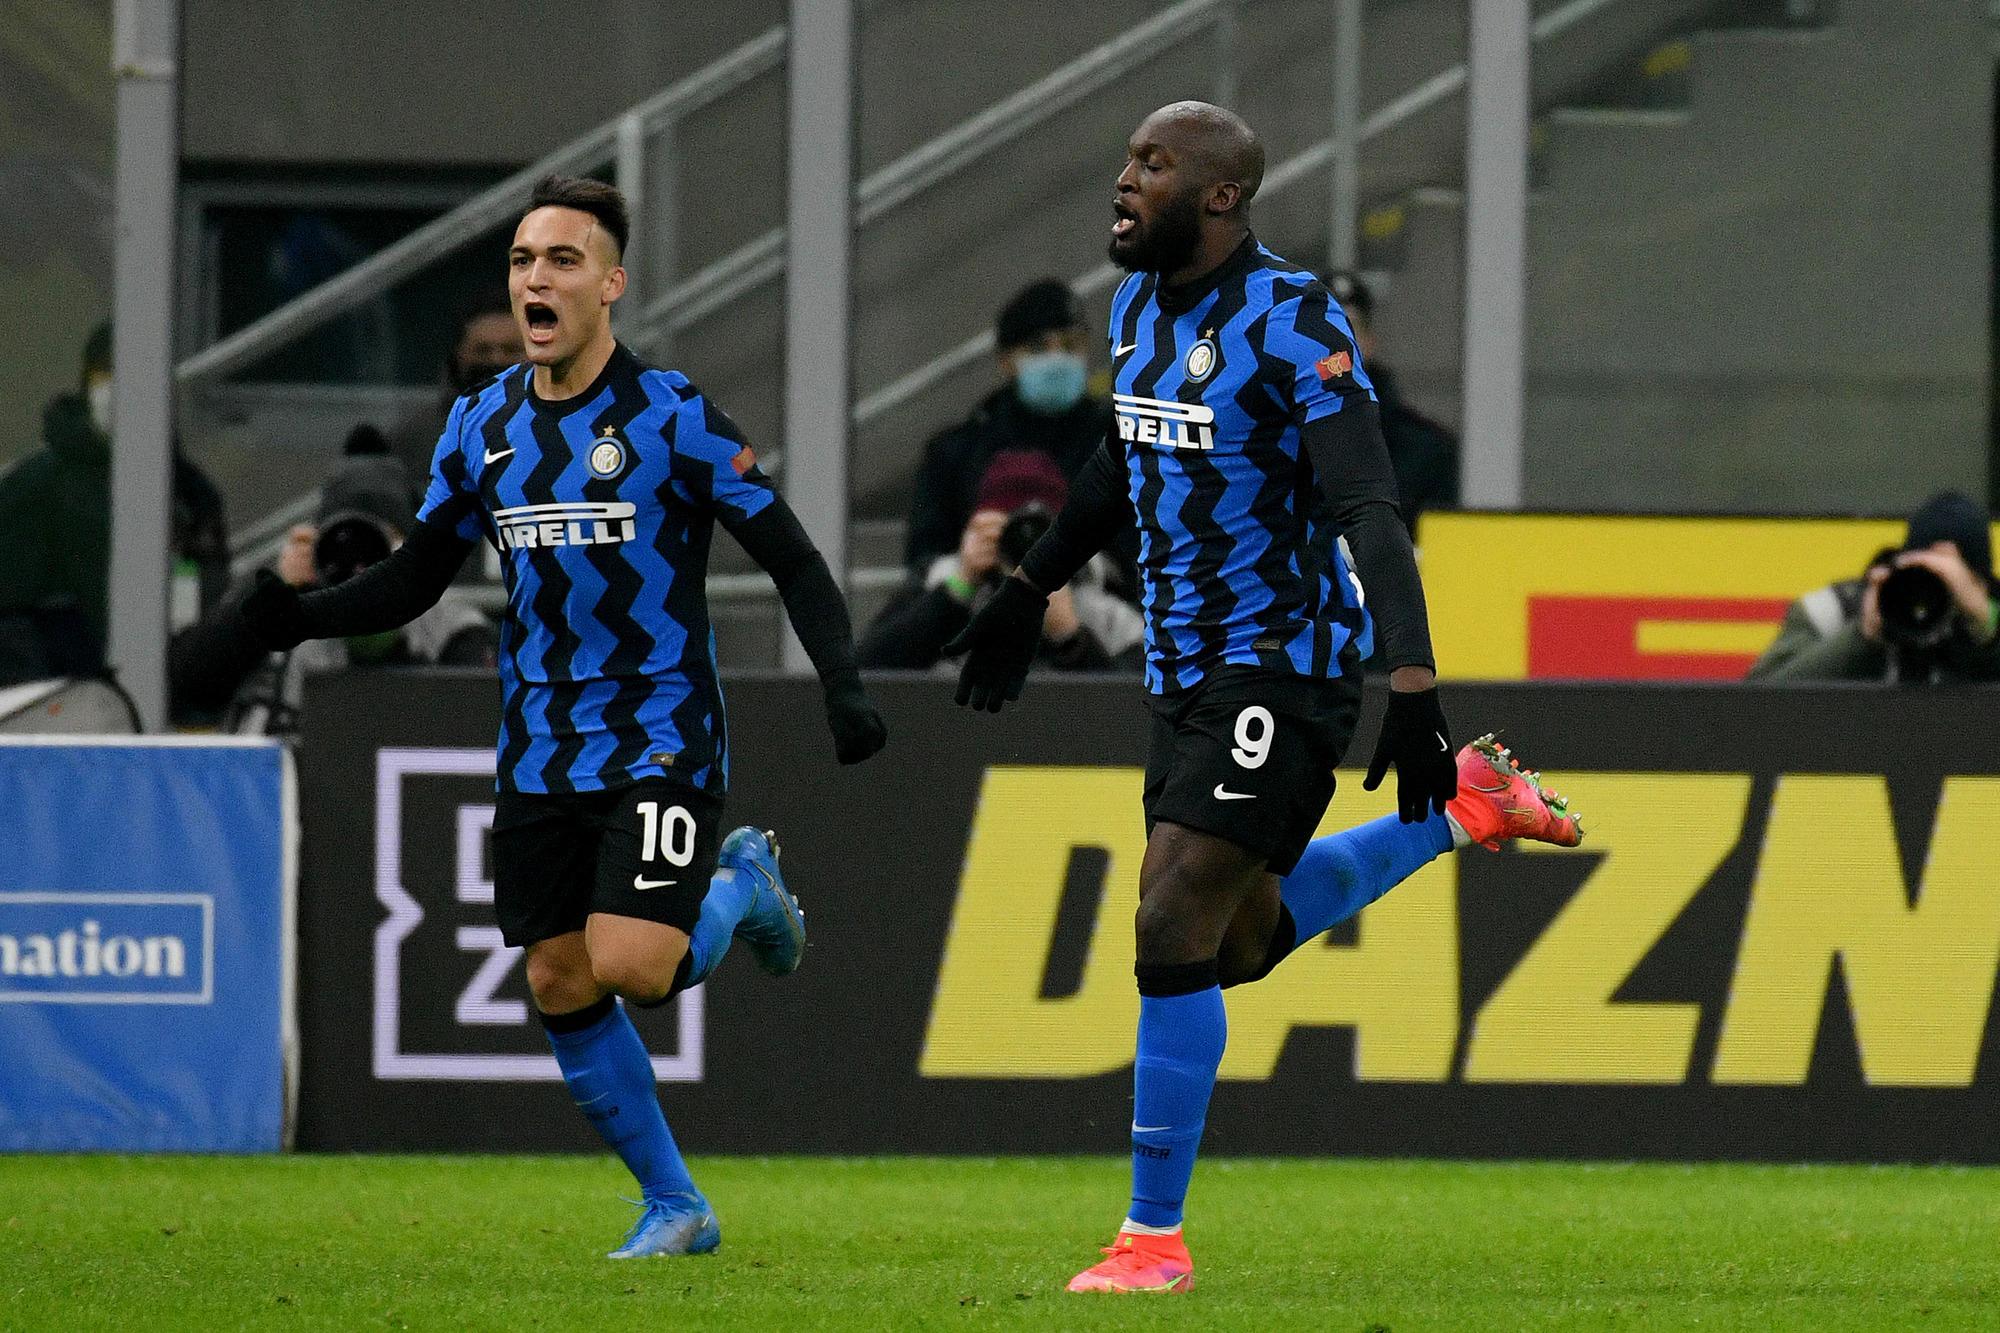 Lukaku chia vui sau khi kiến tạo cho Lautaro ấn định kết quả 3-1 ở phút 64. Ảnh: Fotonotizia